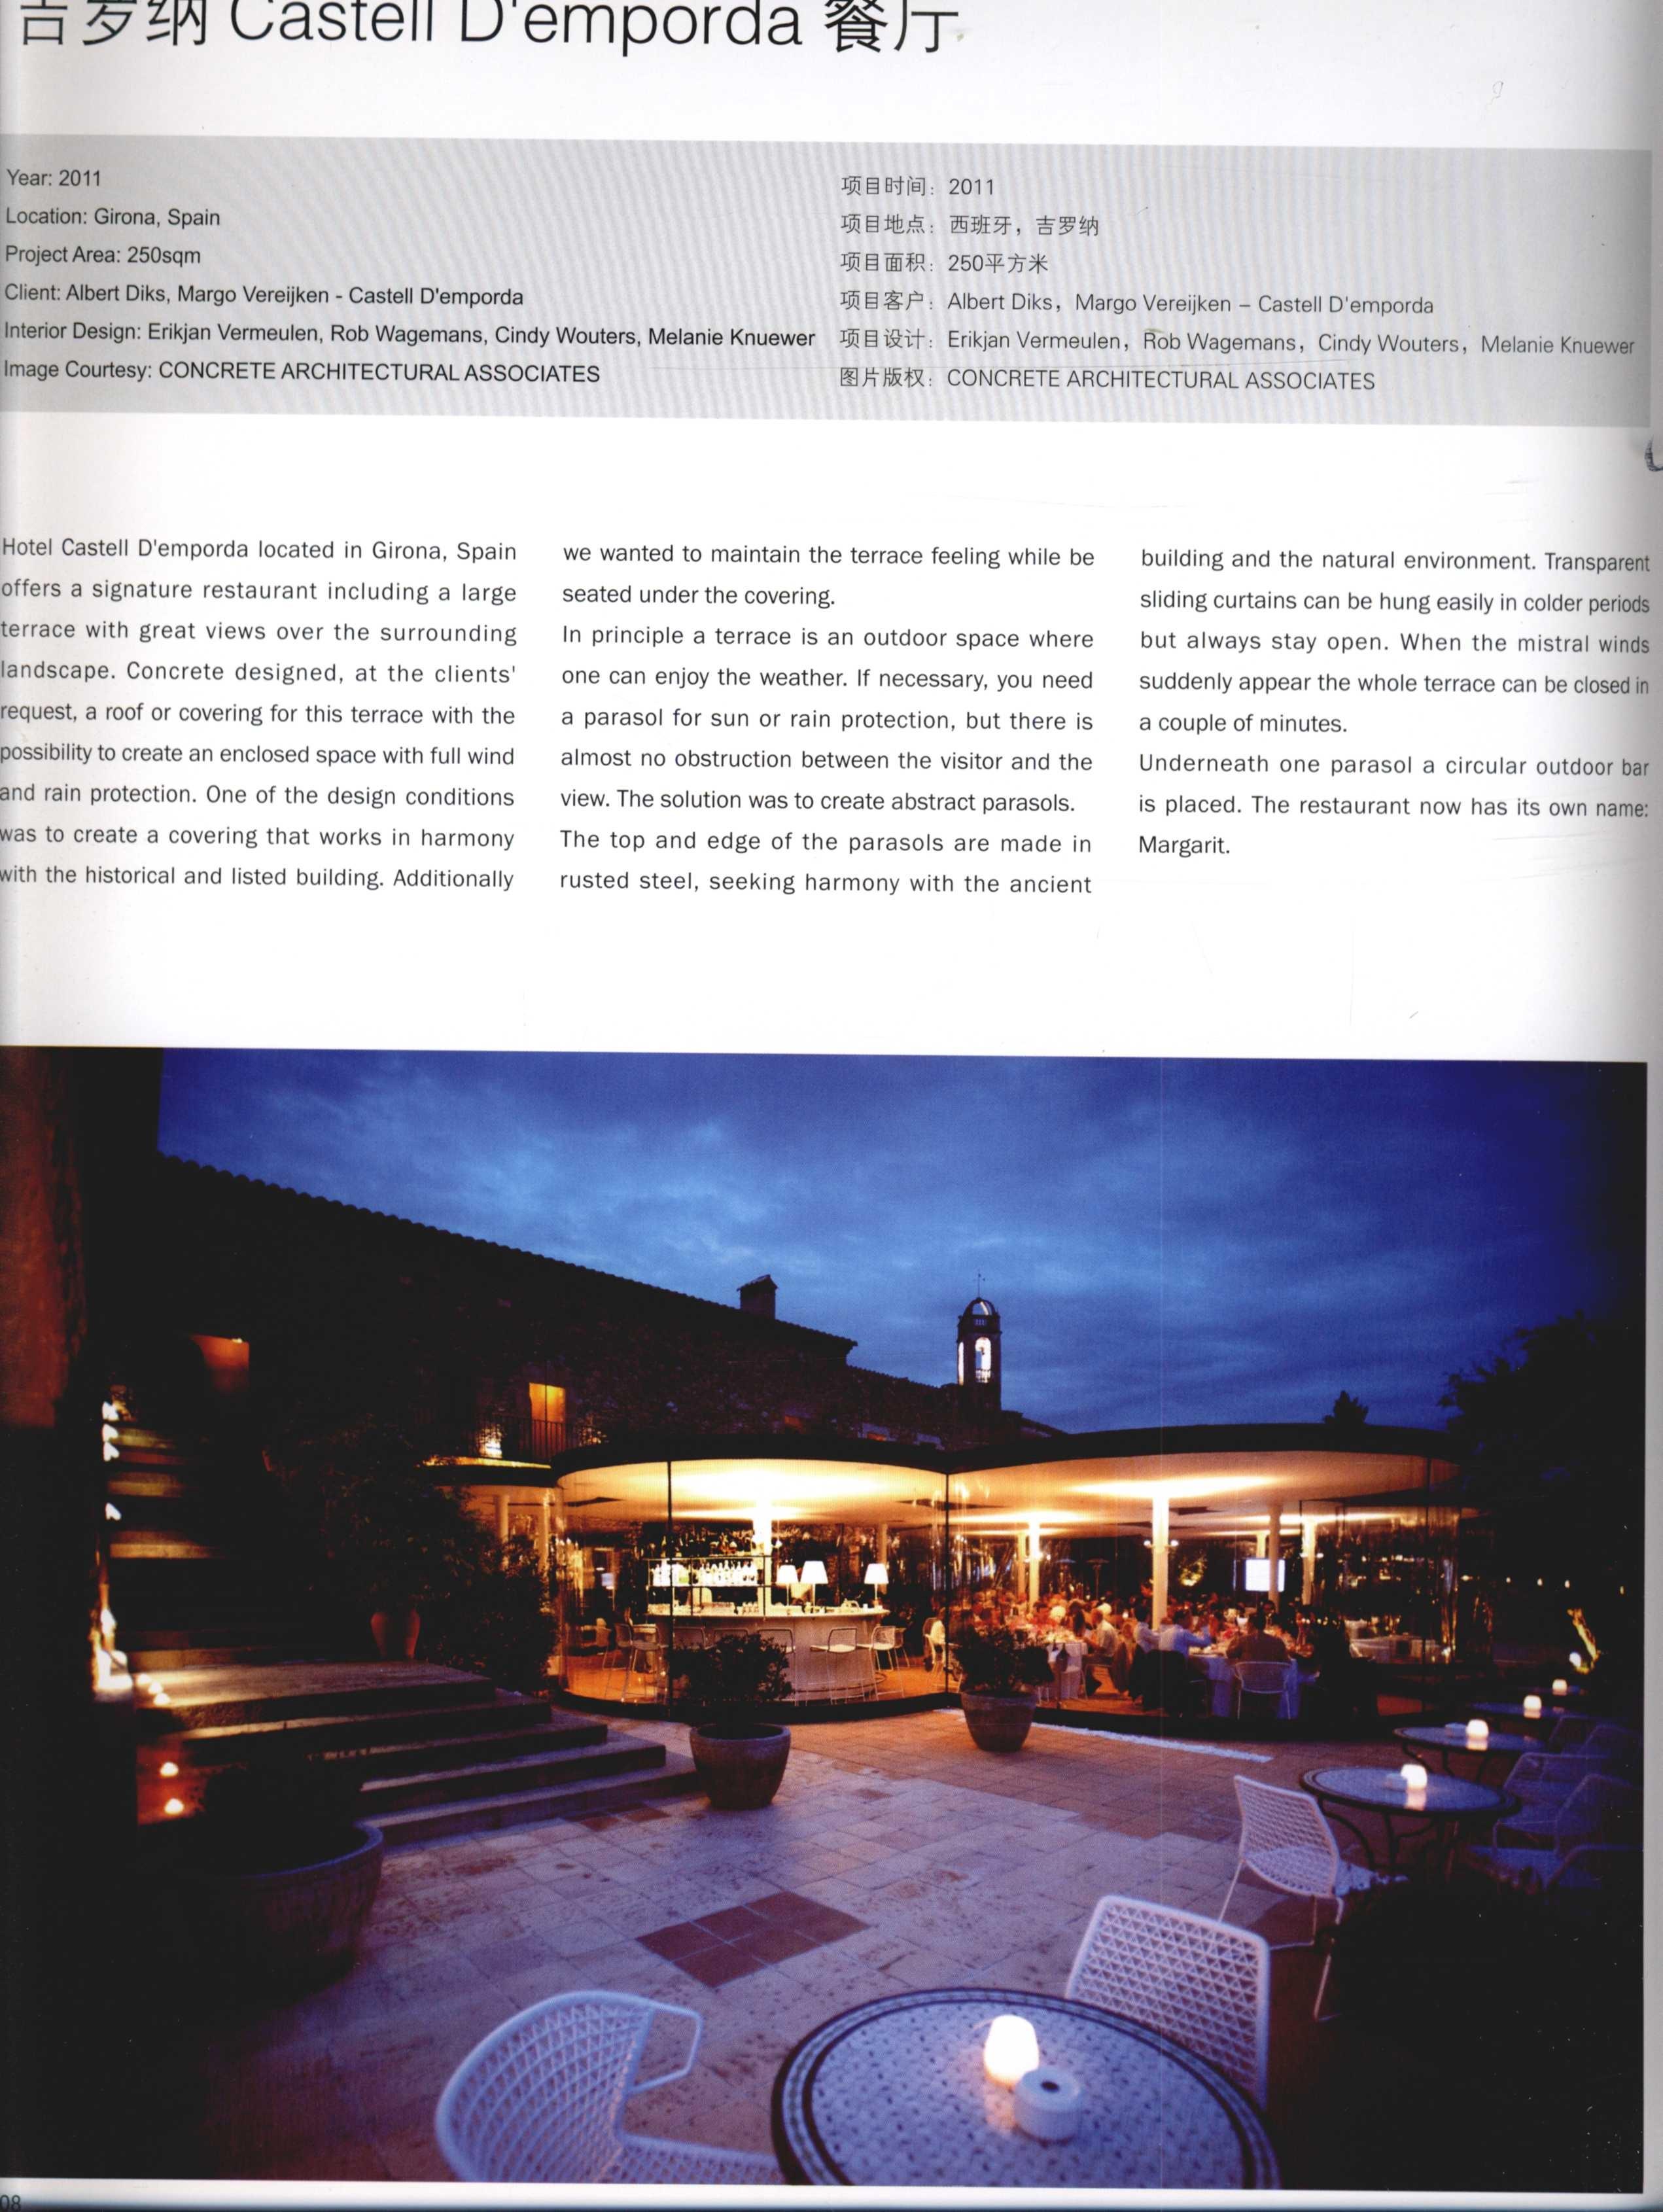 2012全球室内设计年鉴  餐饮_Page_104.jpg